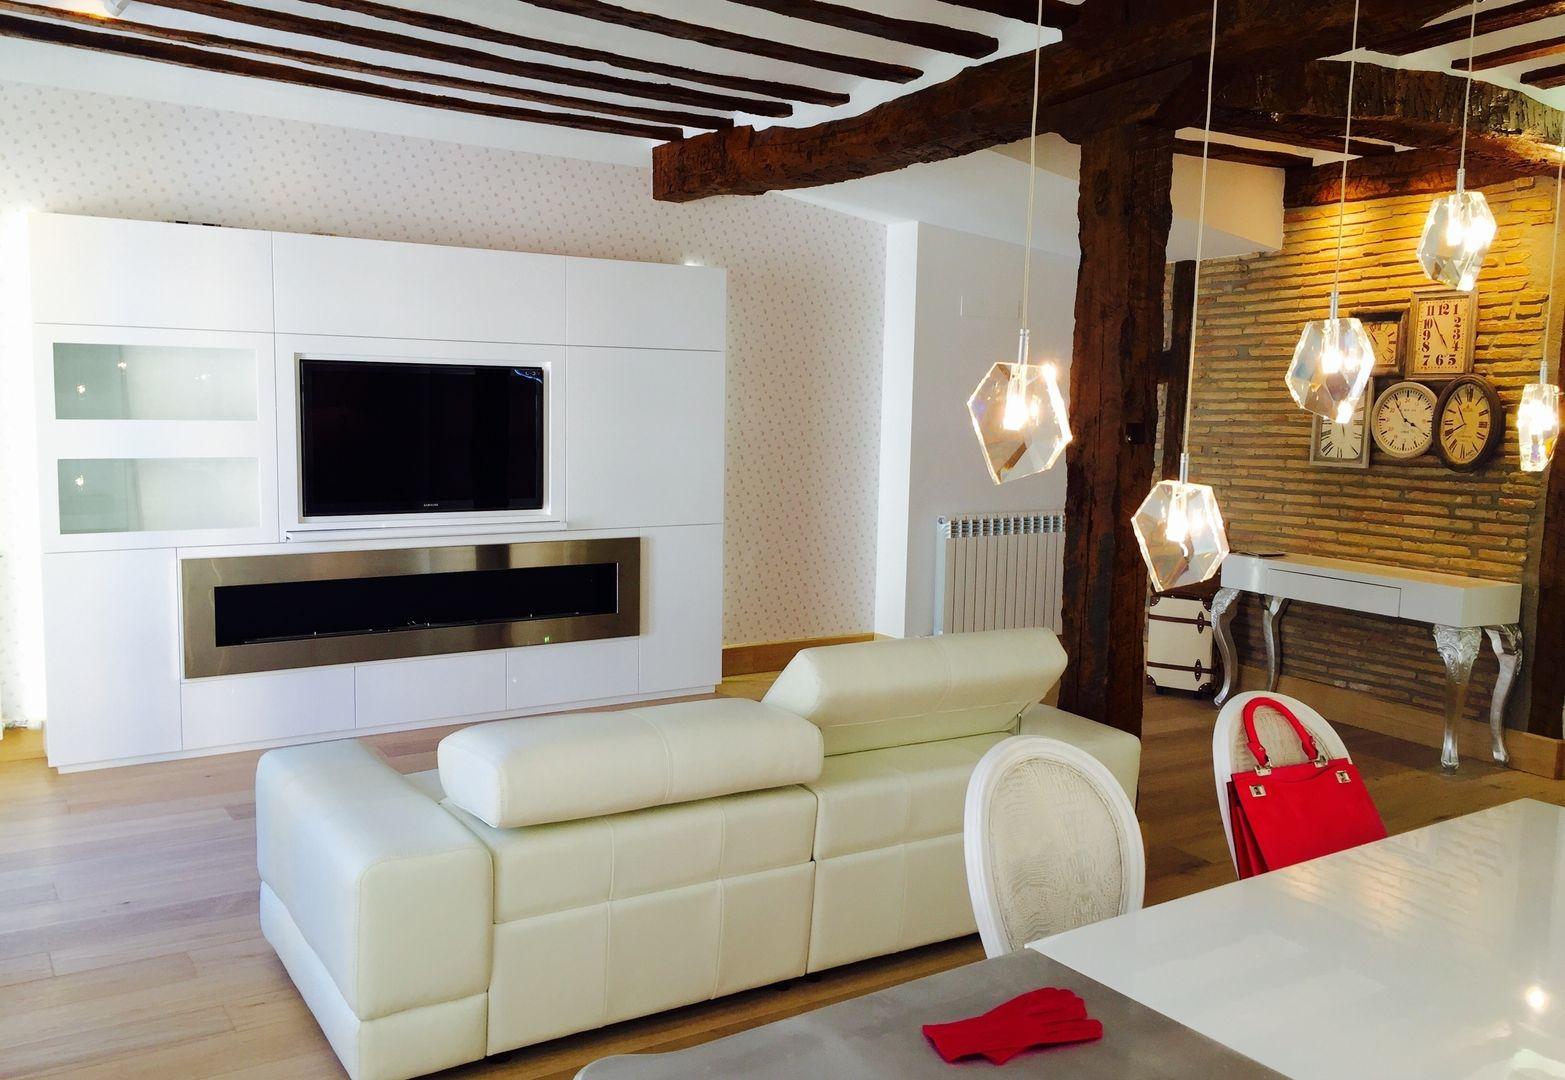 Decoracin de interiores con chimenea de bioetanol XXL en Logroo by